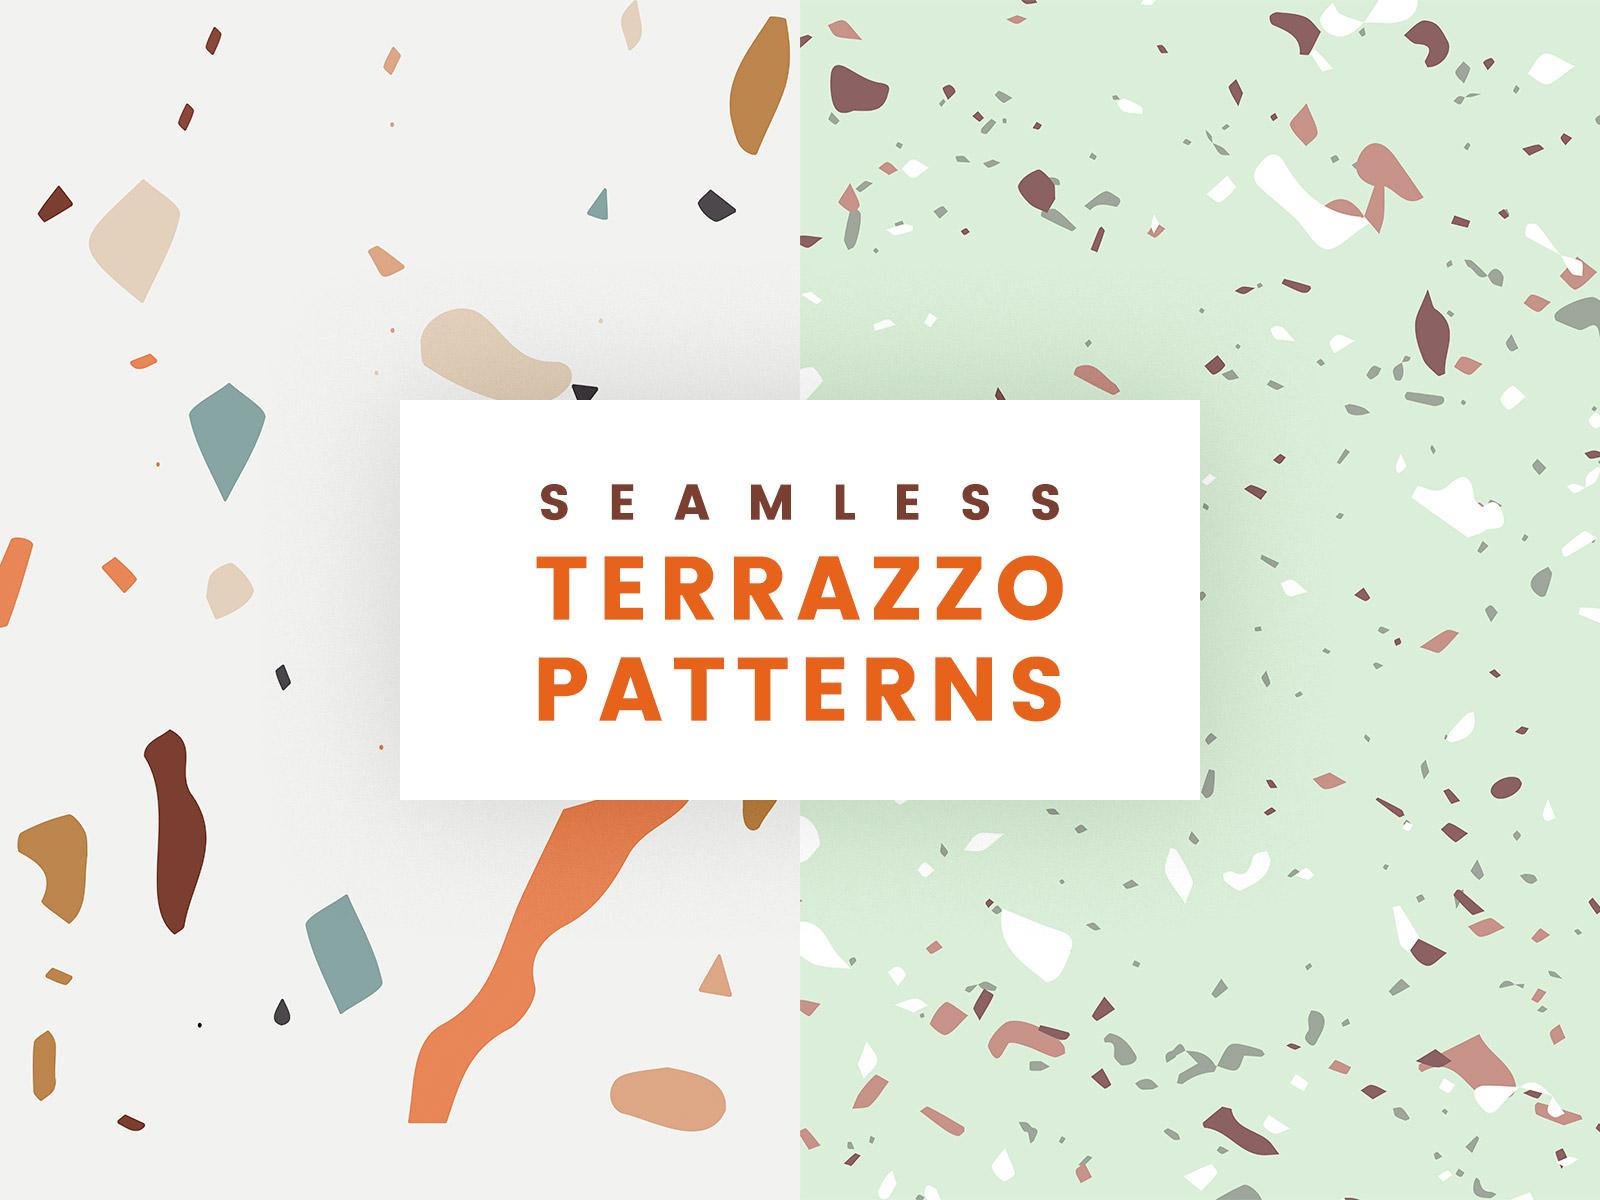 Seamless Terrazzo Patterns